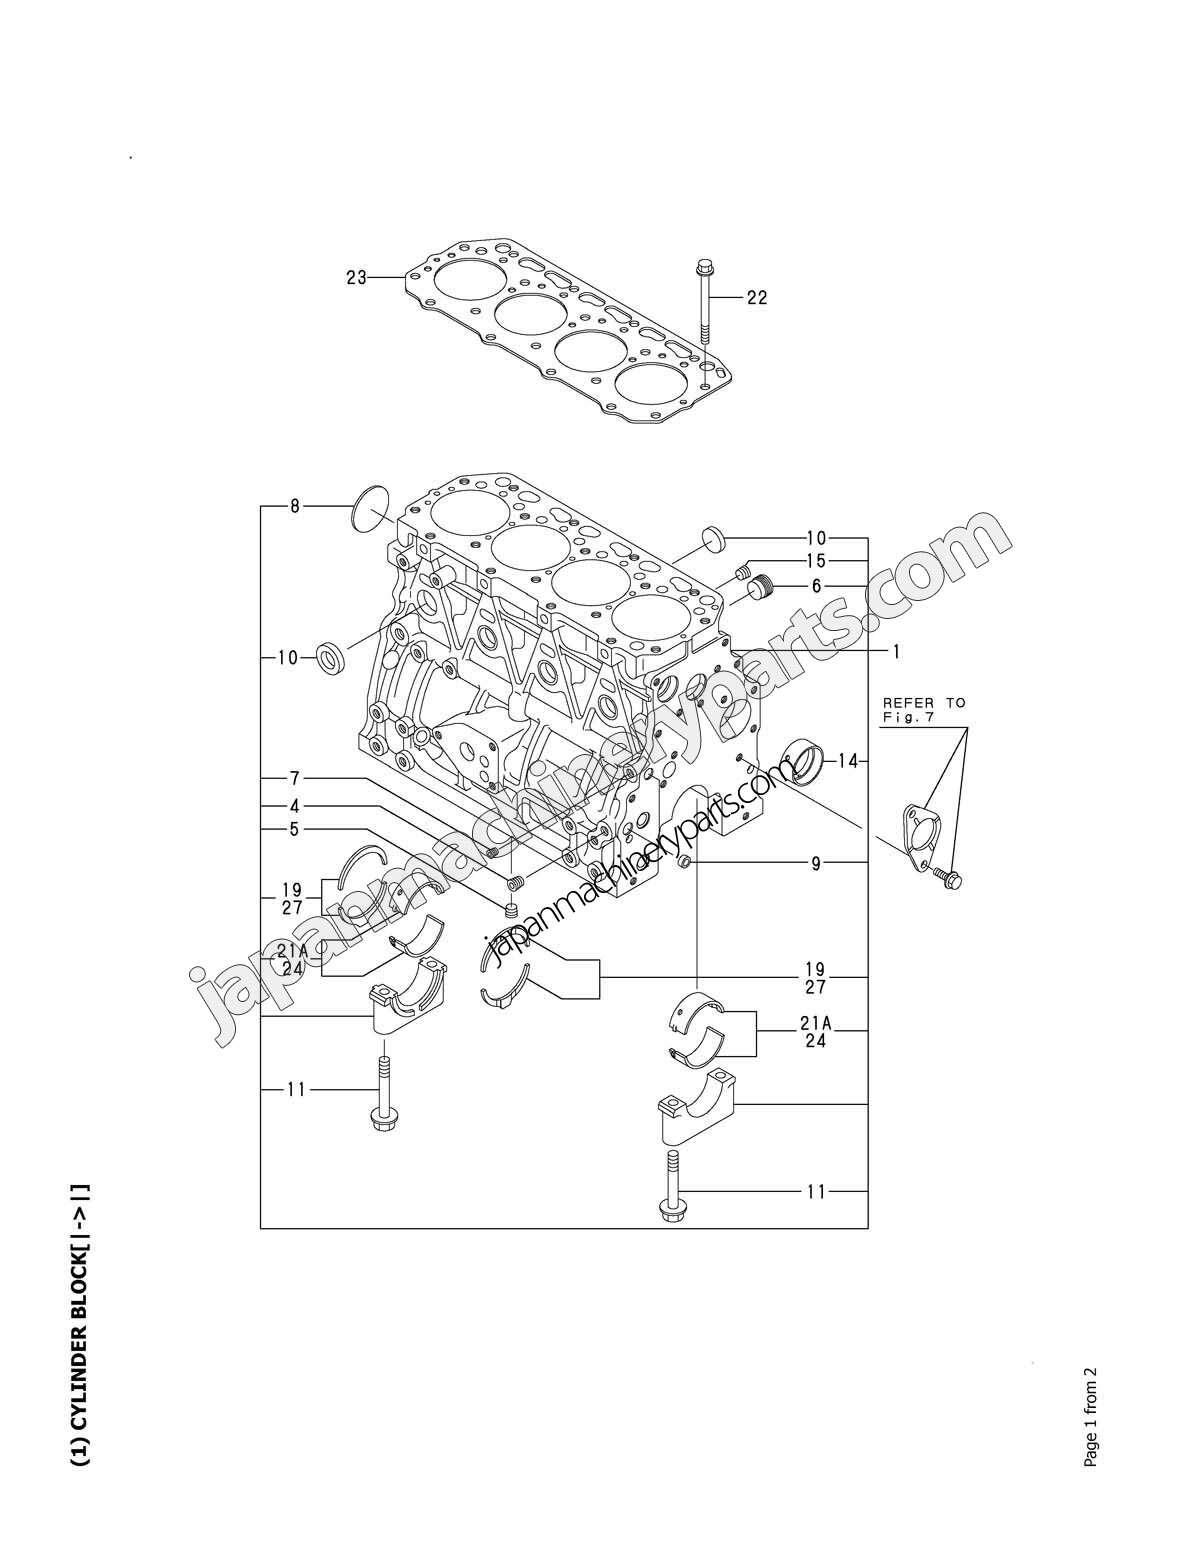 Bio-Rad iCycler Thermal Cycler Manual - Conquer